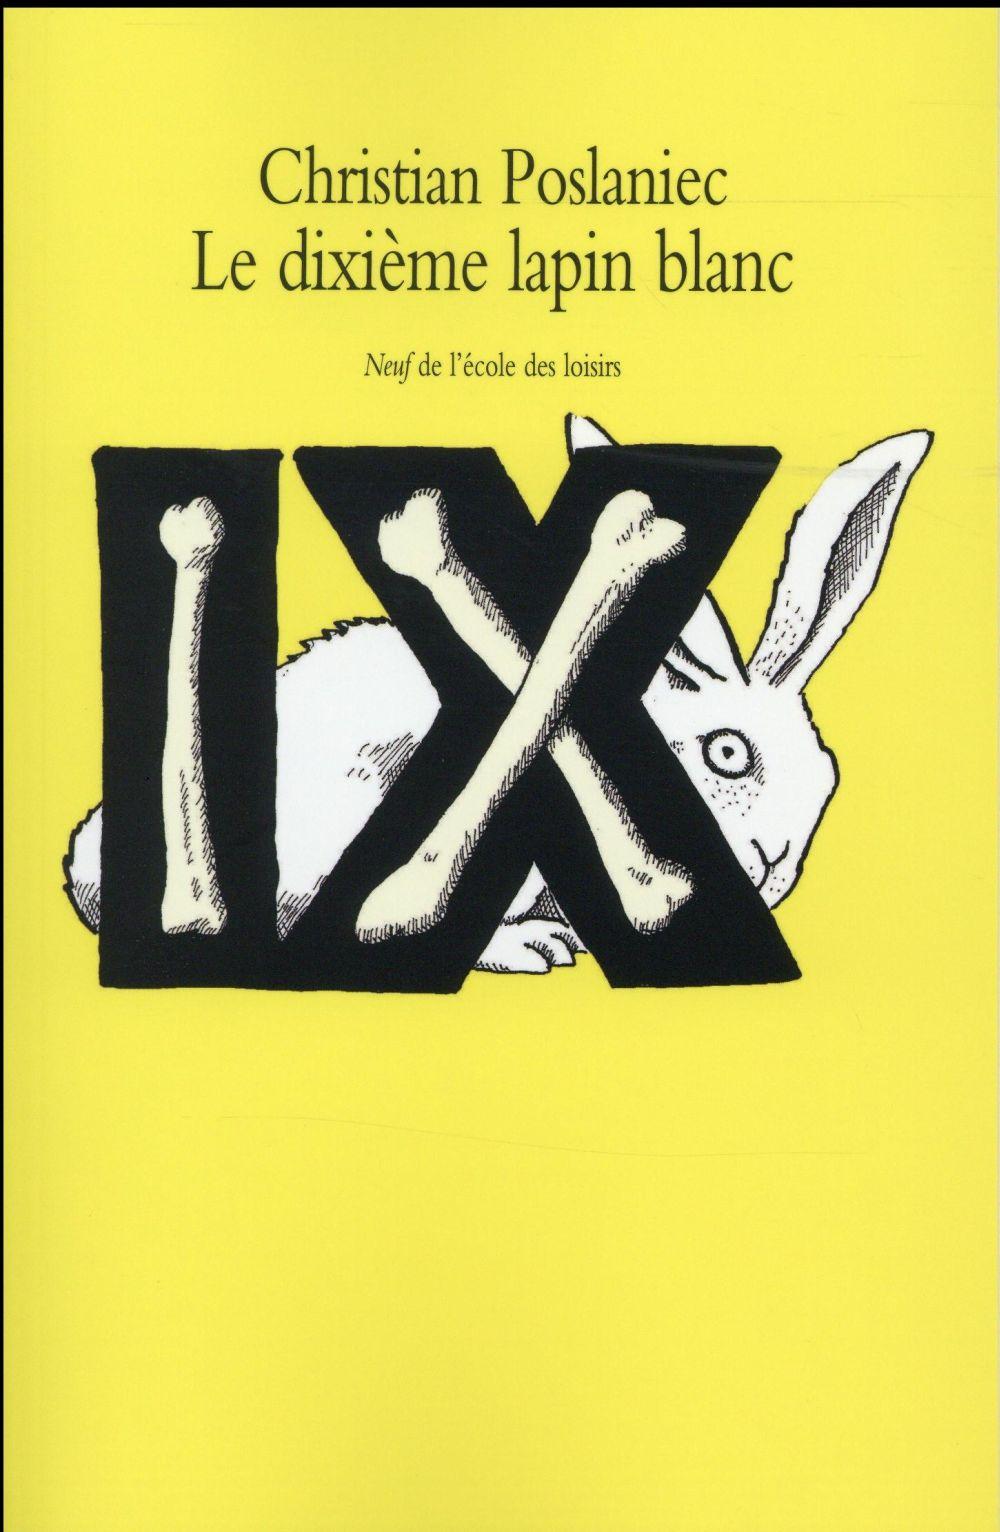 Le dixième lapin blanc